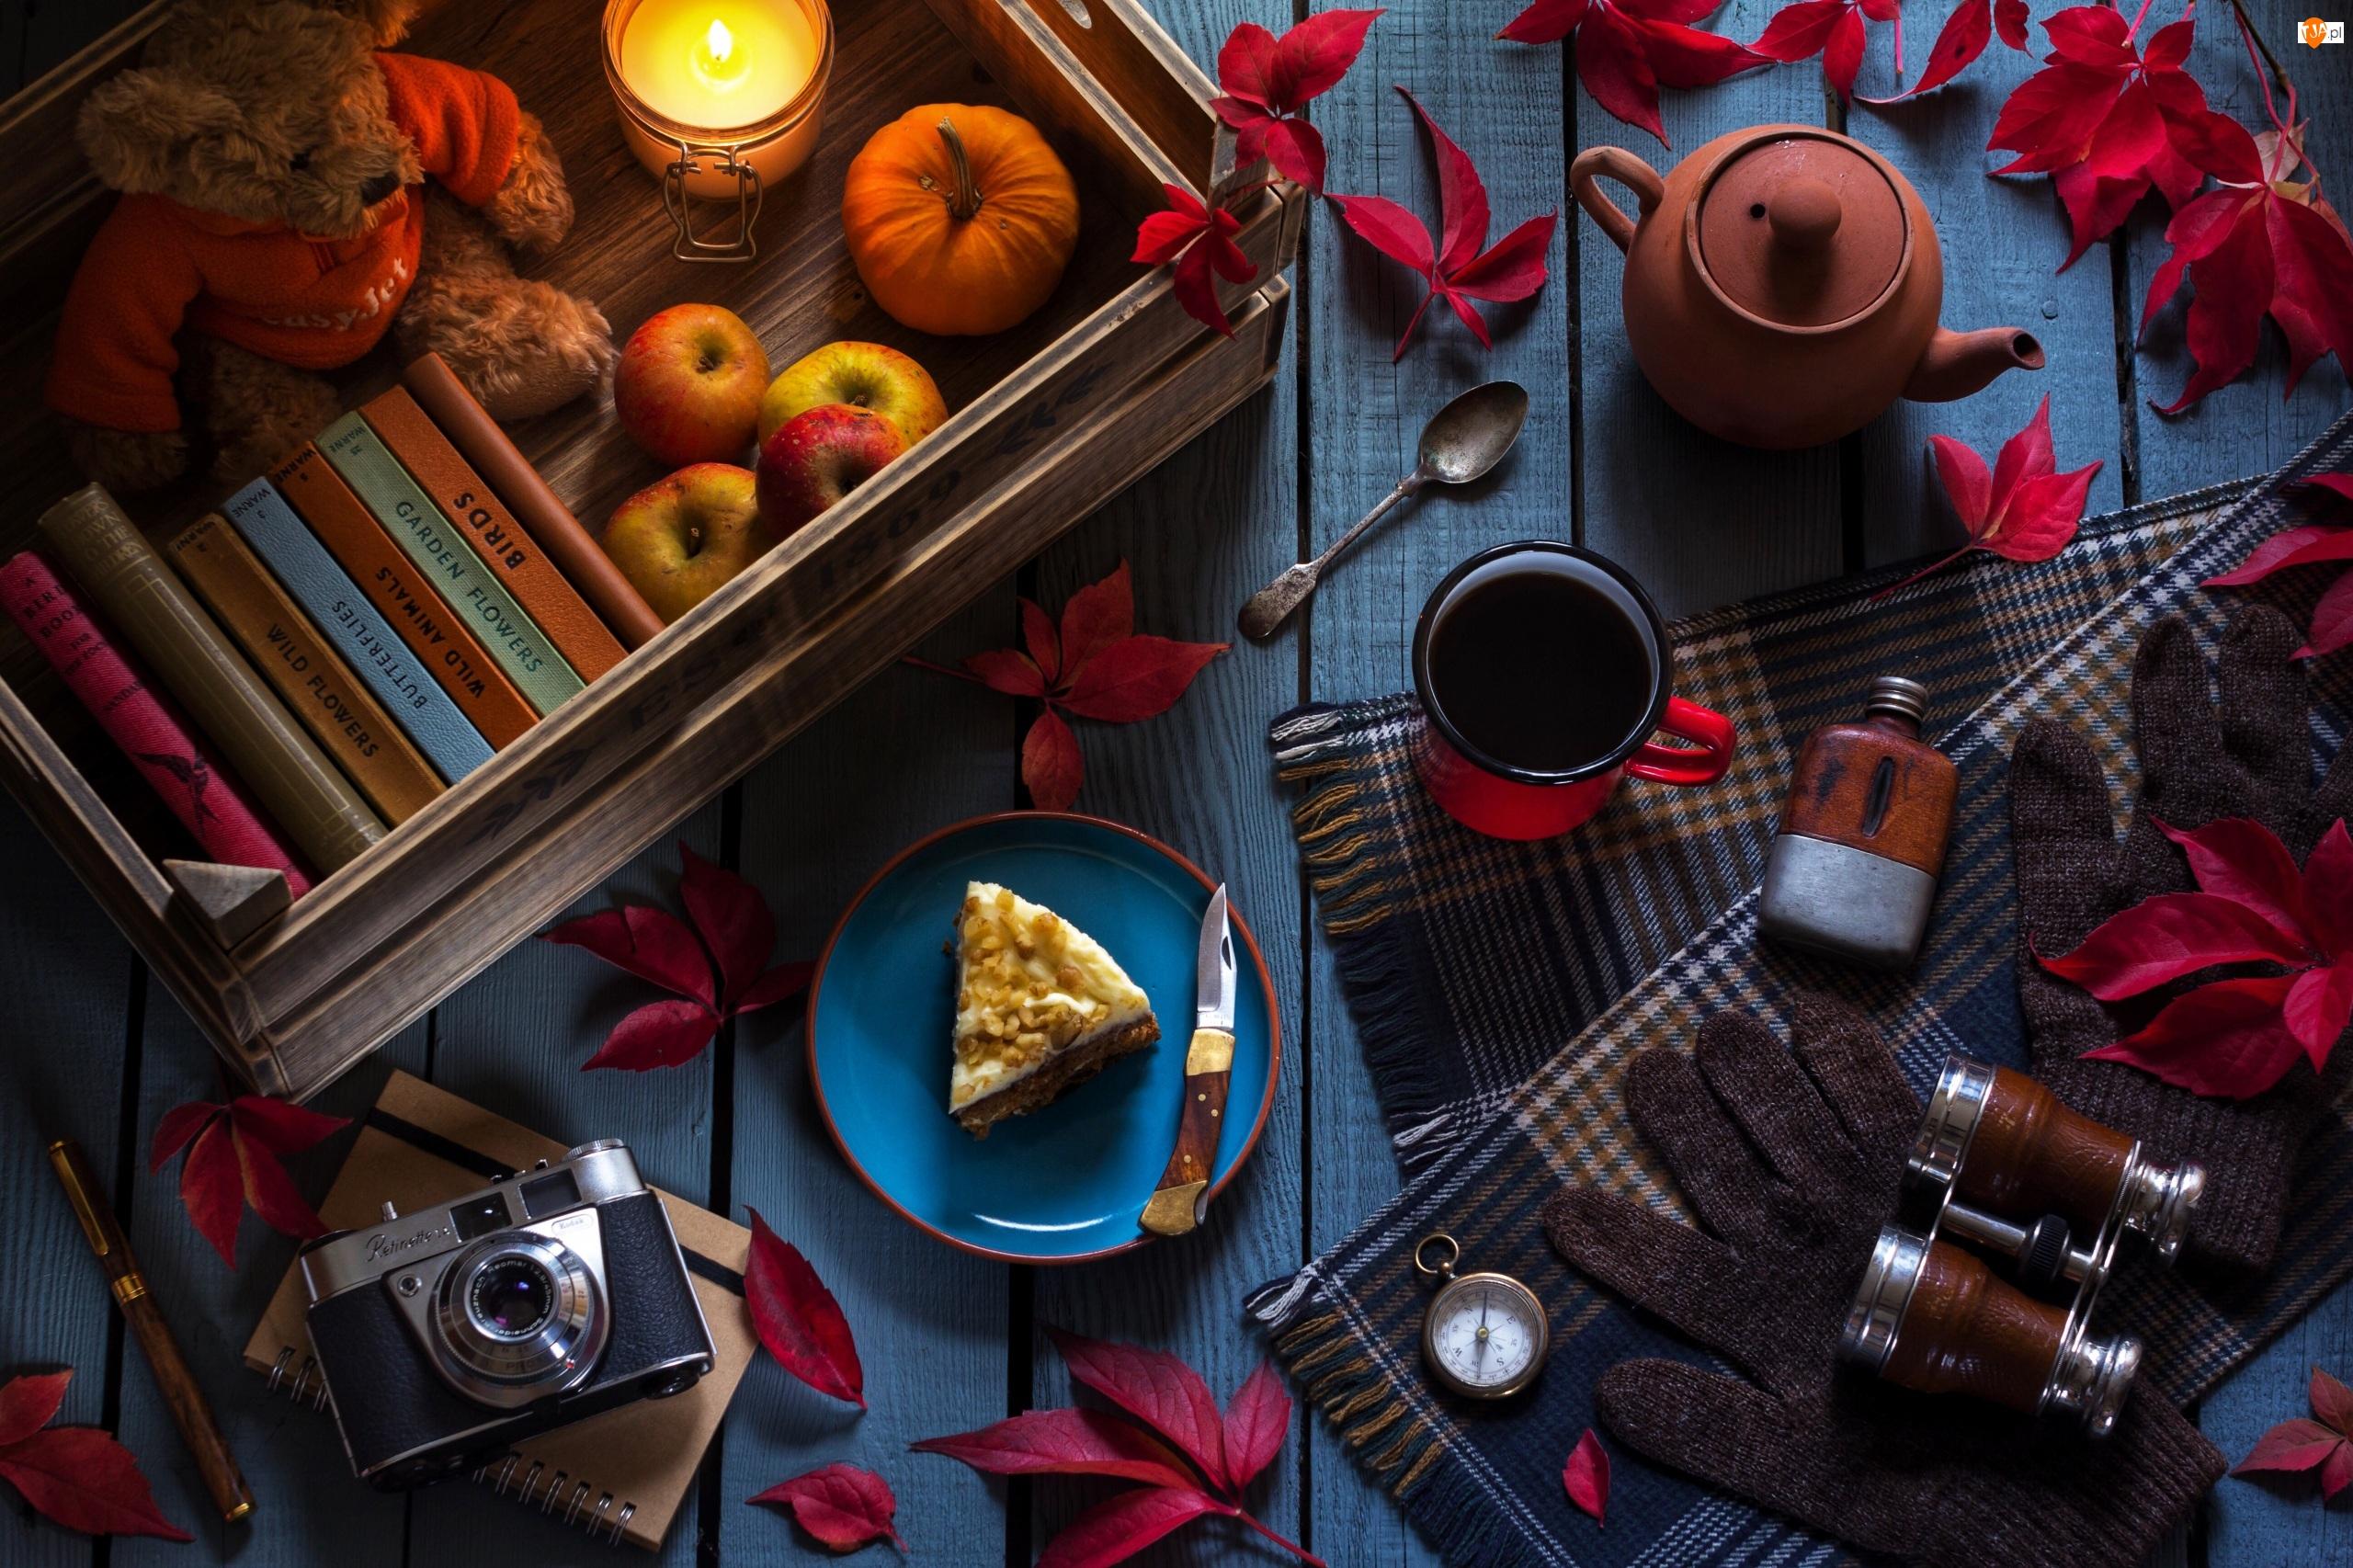 Talerzyk, Książki, Liście, Imbryk, Jesienna, Deski, Ciasto, Herbata, Lornetka, Jabłka, Kompas, Kompozycja, Kubek, Dynia, Aparat fotograficzny